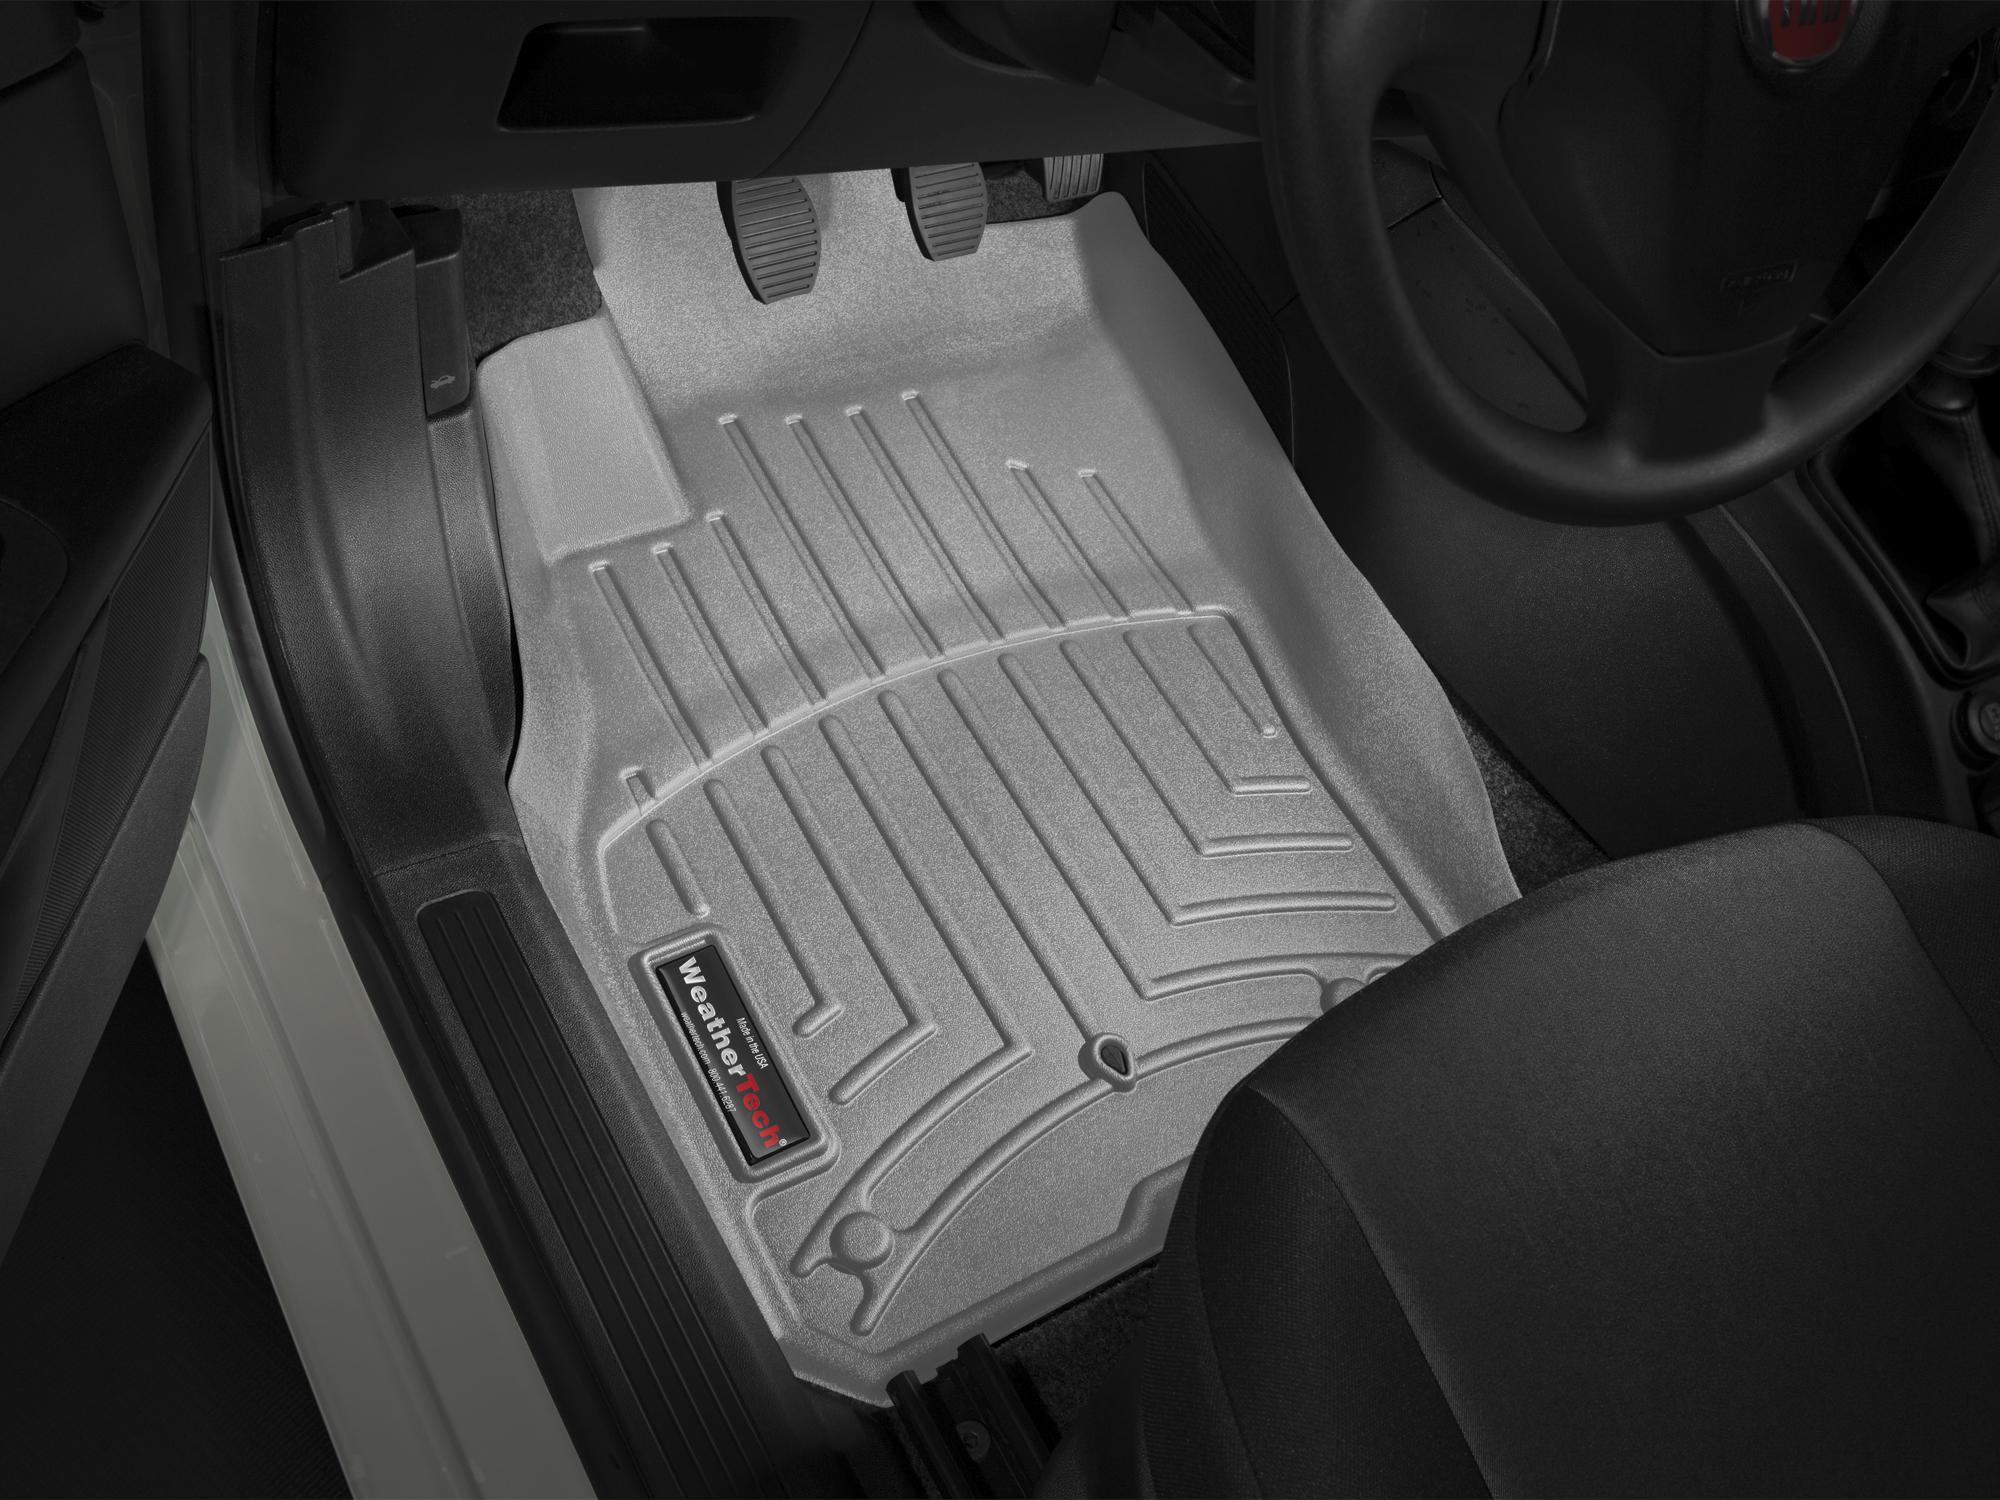 Tappeti gomma su misura bordo alto Fiat Grande Punto 05>17 Grigio A801*